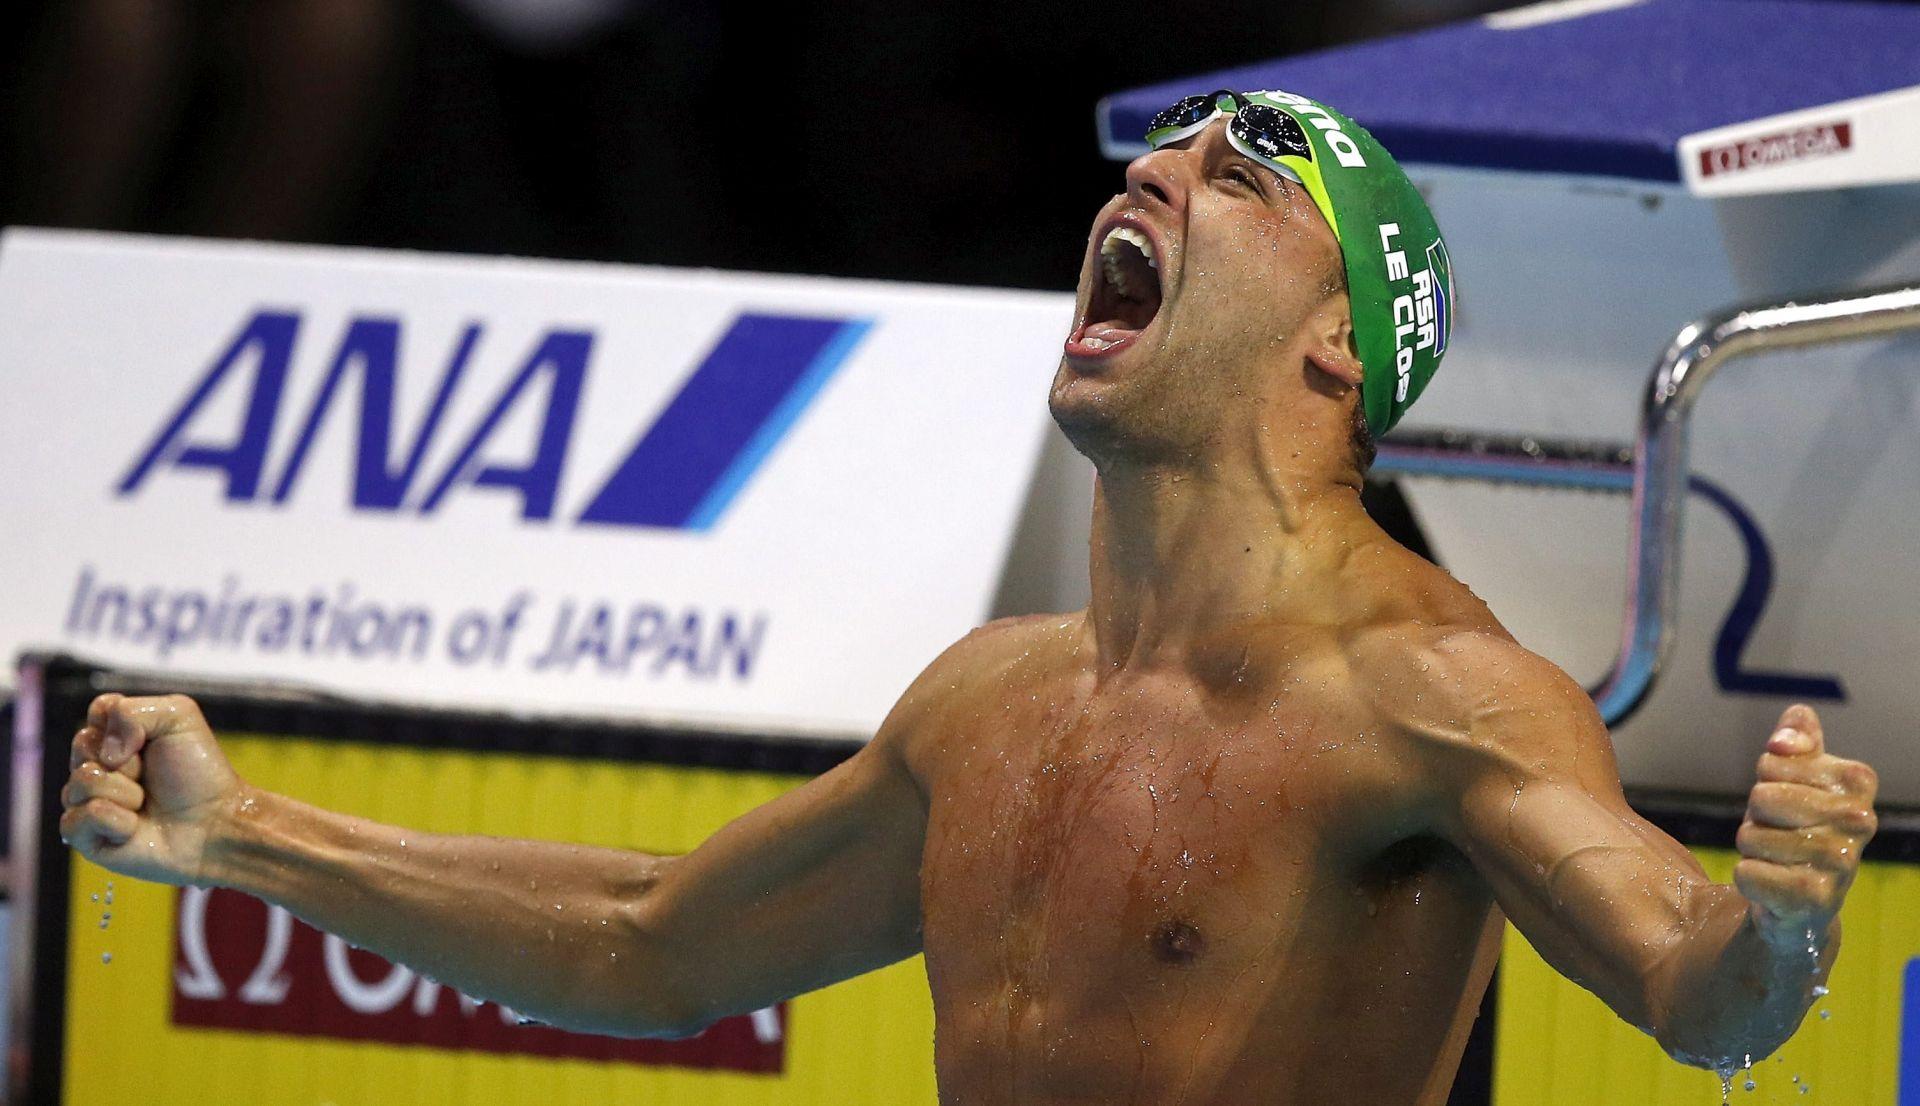 SP PLIVANJE Sever bez finala na 50 m slobodno, pao još jedan svjetski rekord